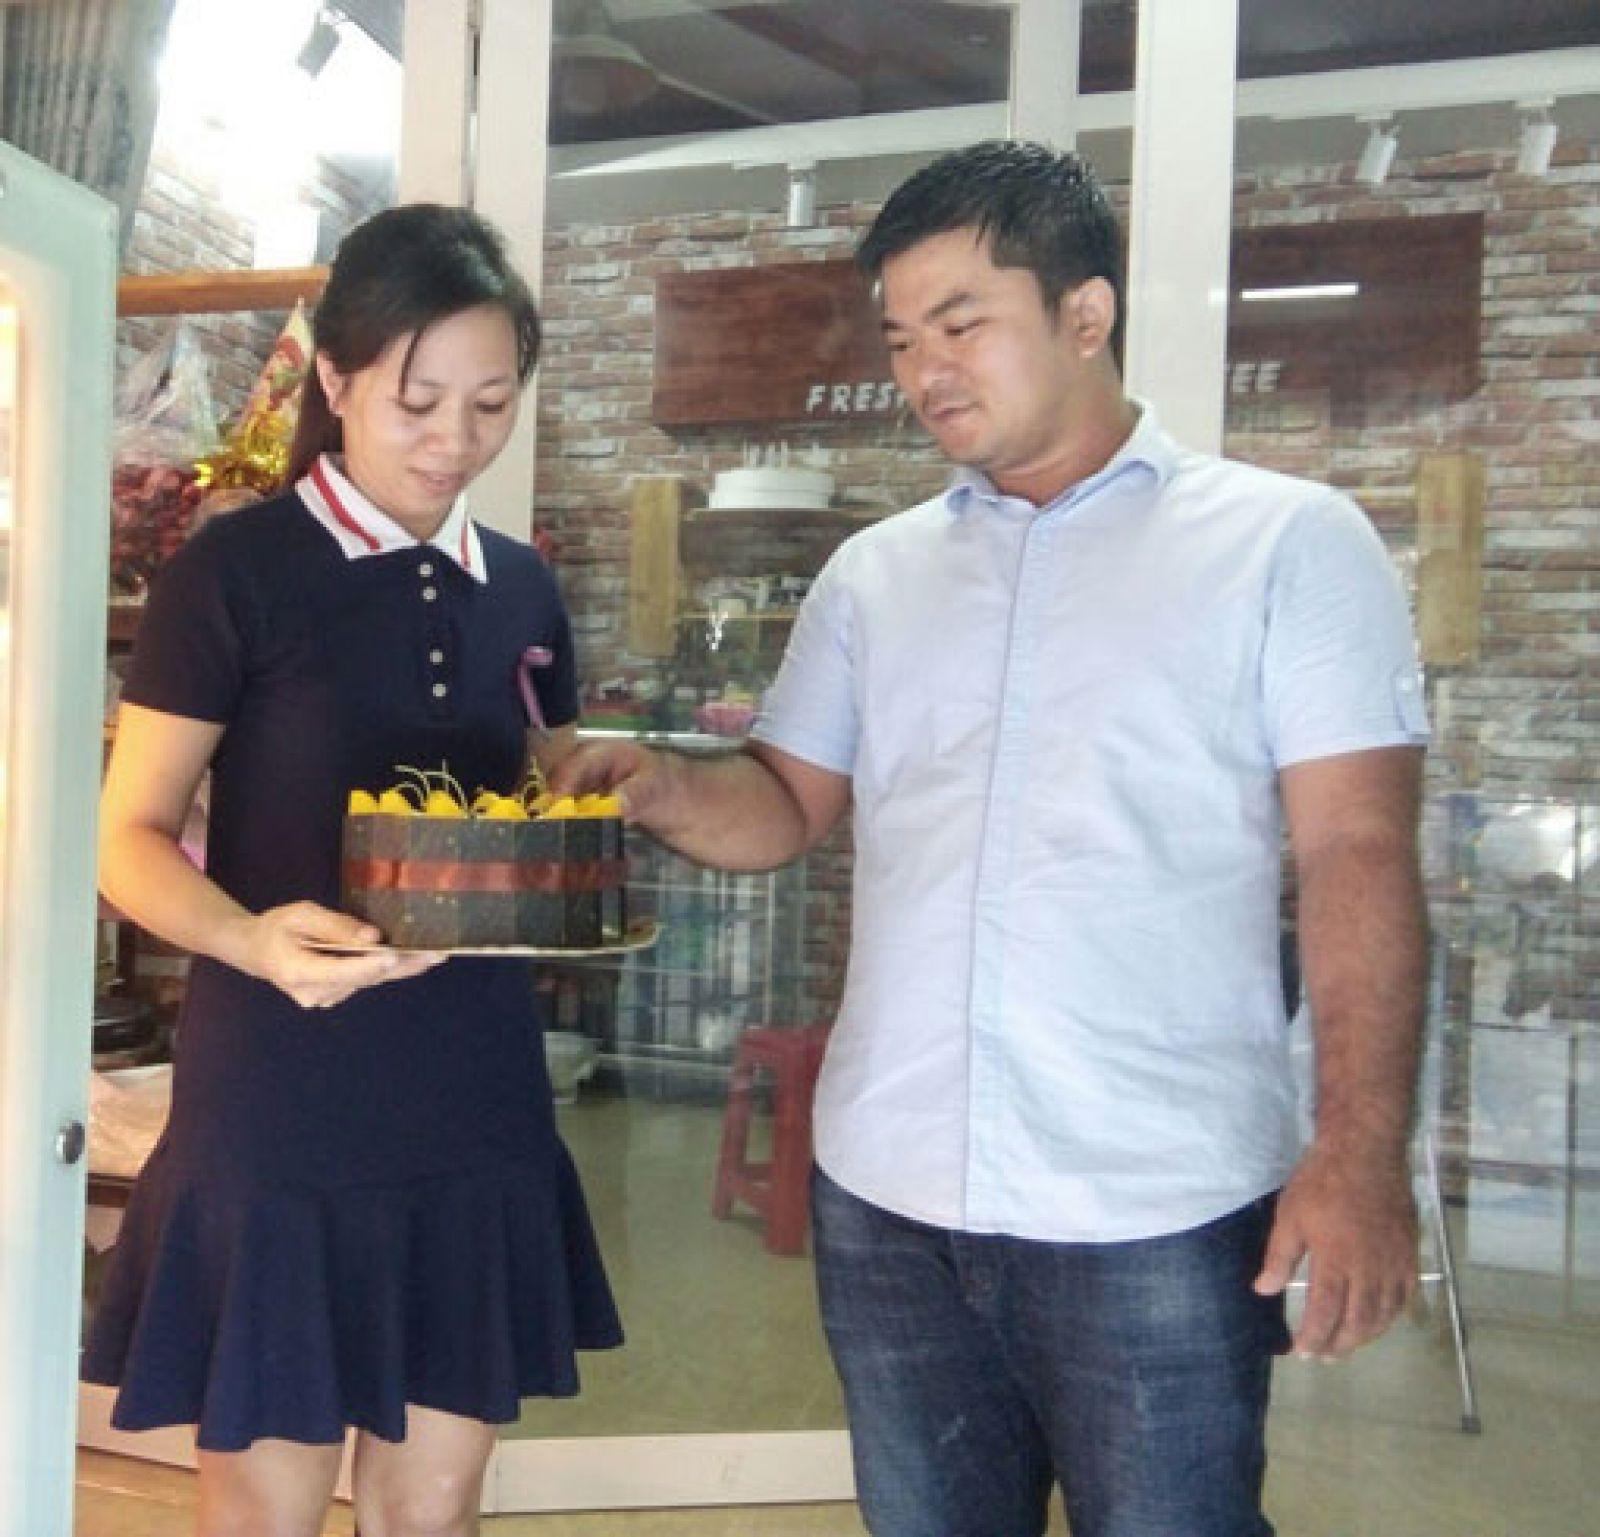 Với niềm đam mê làm bánh, chị Diễm đã mạnh dạn từ bỏ công việc tại ngân hàng để khởi nghiệp với nghề làm bánh